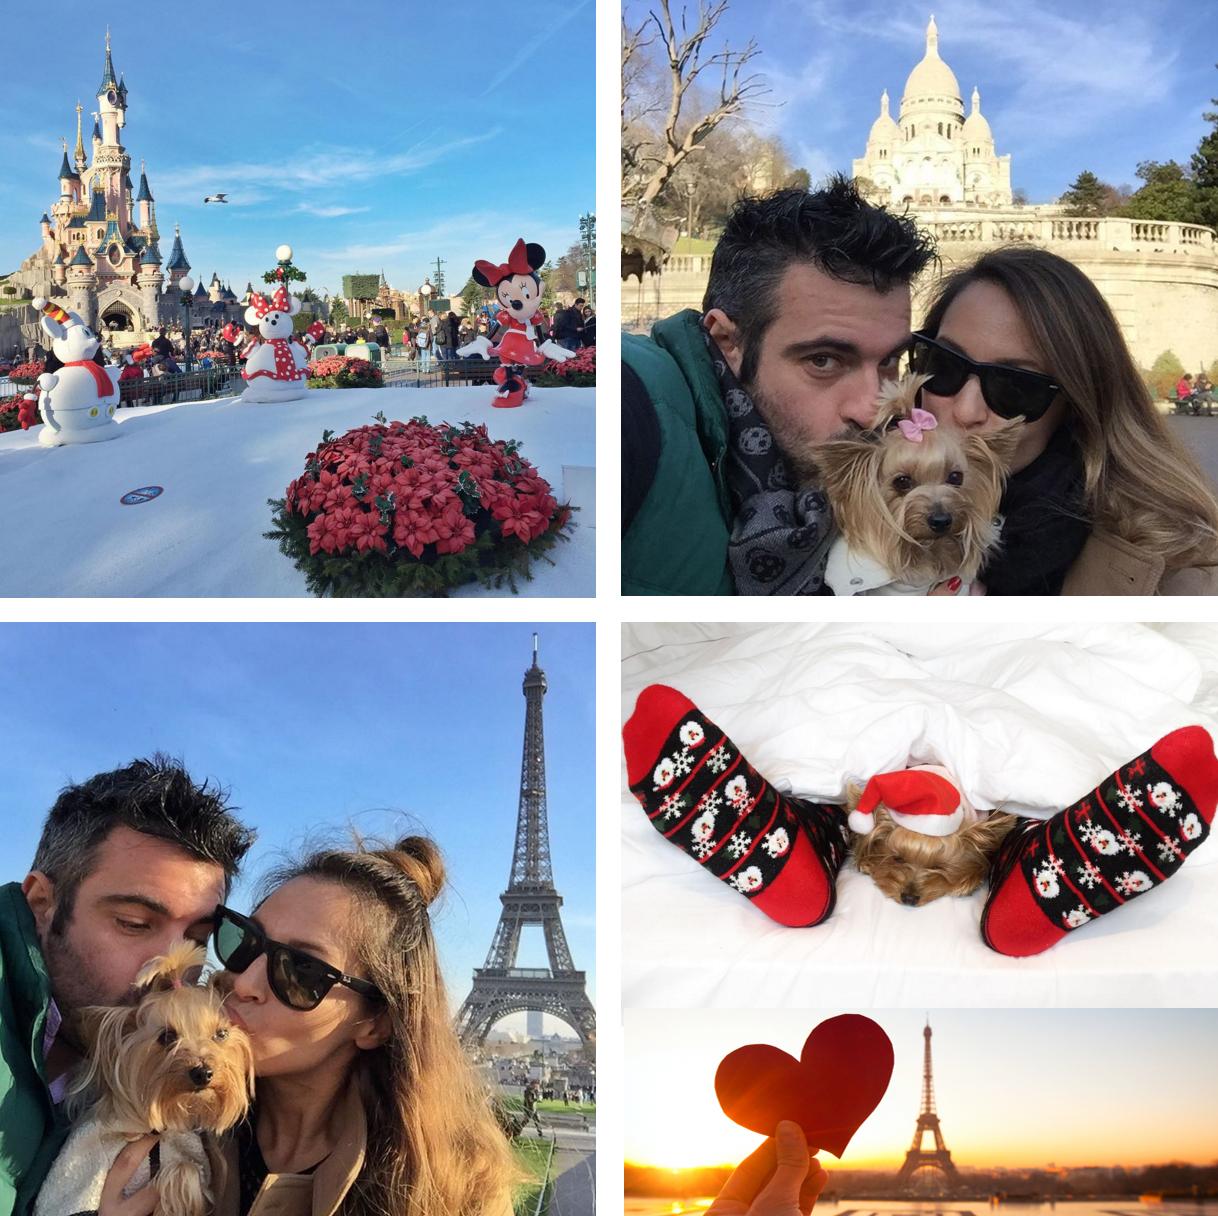 París, Francia memoria de viajes 2015 - 24134183865 497929fe26 o - Memoria de Viajes 2015